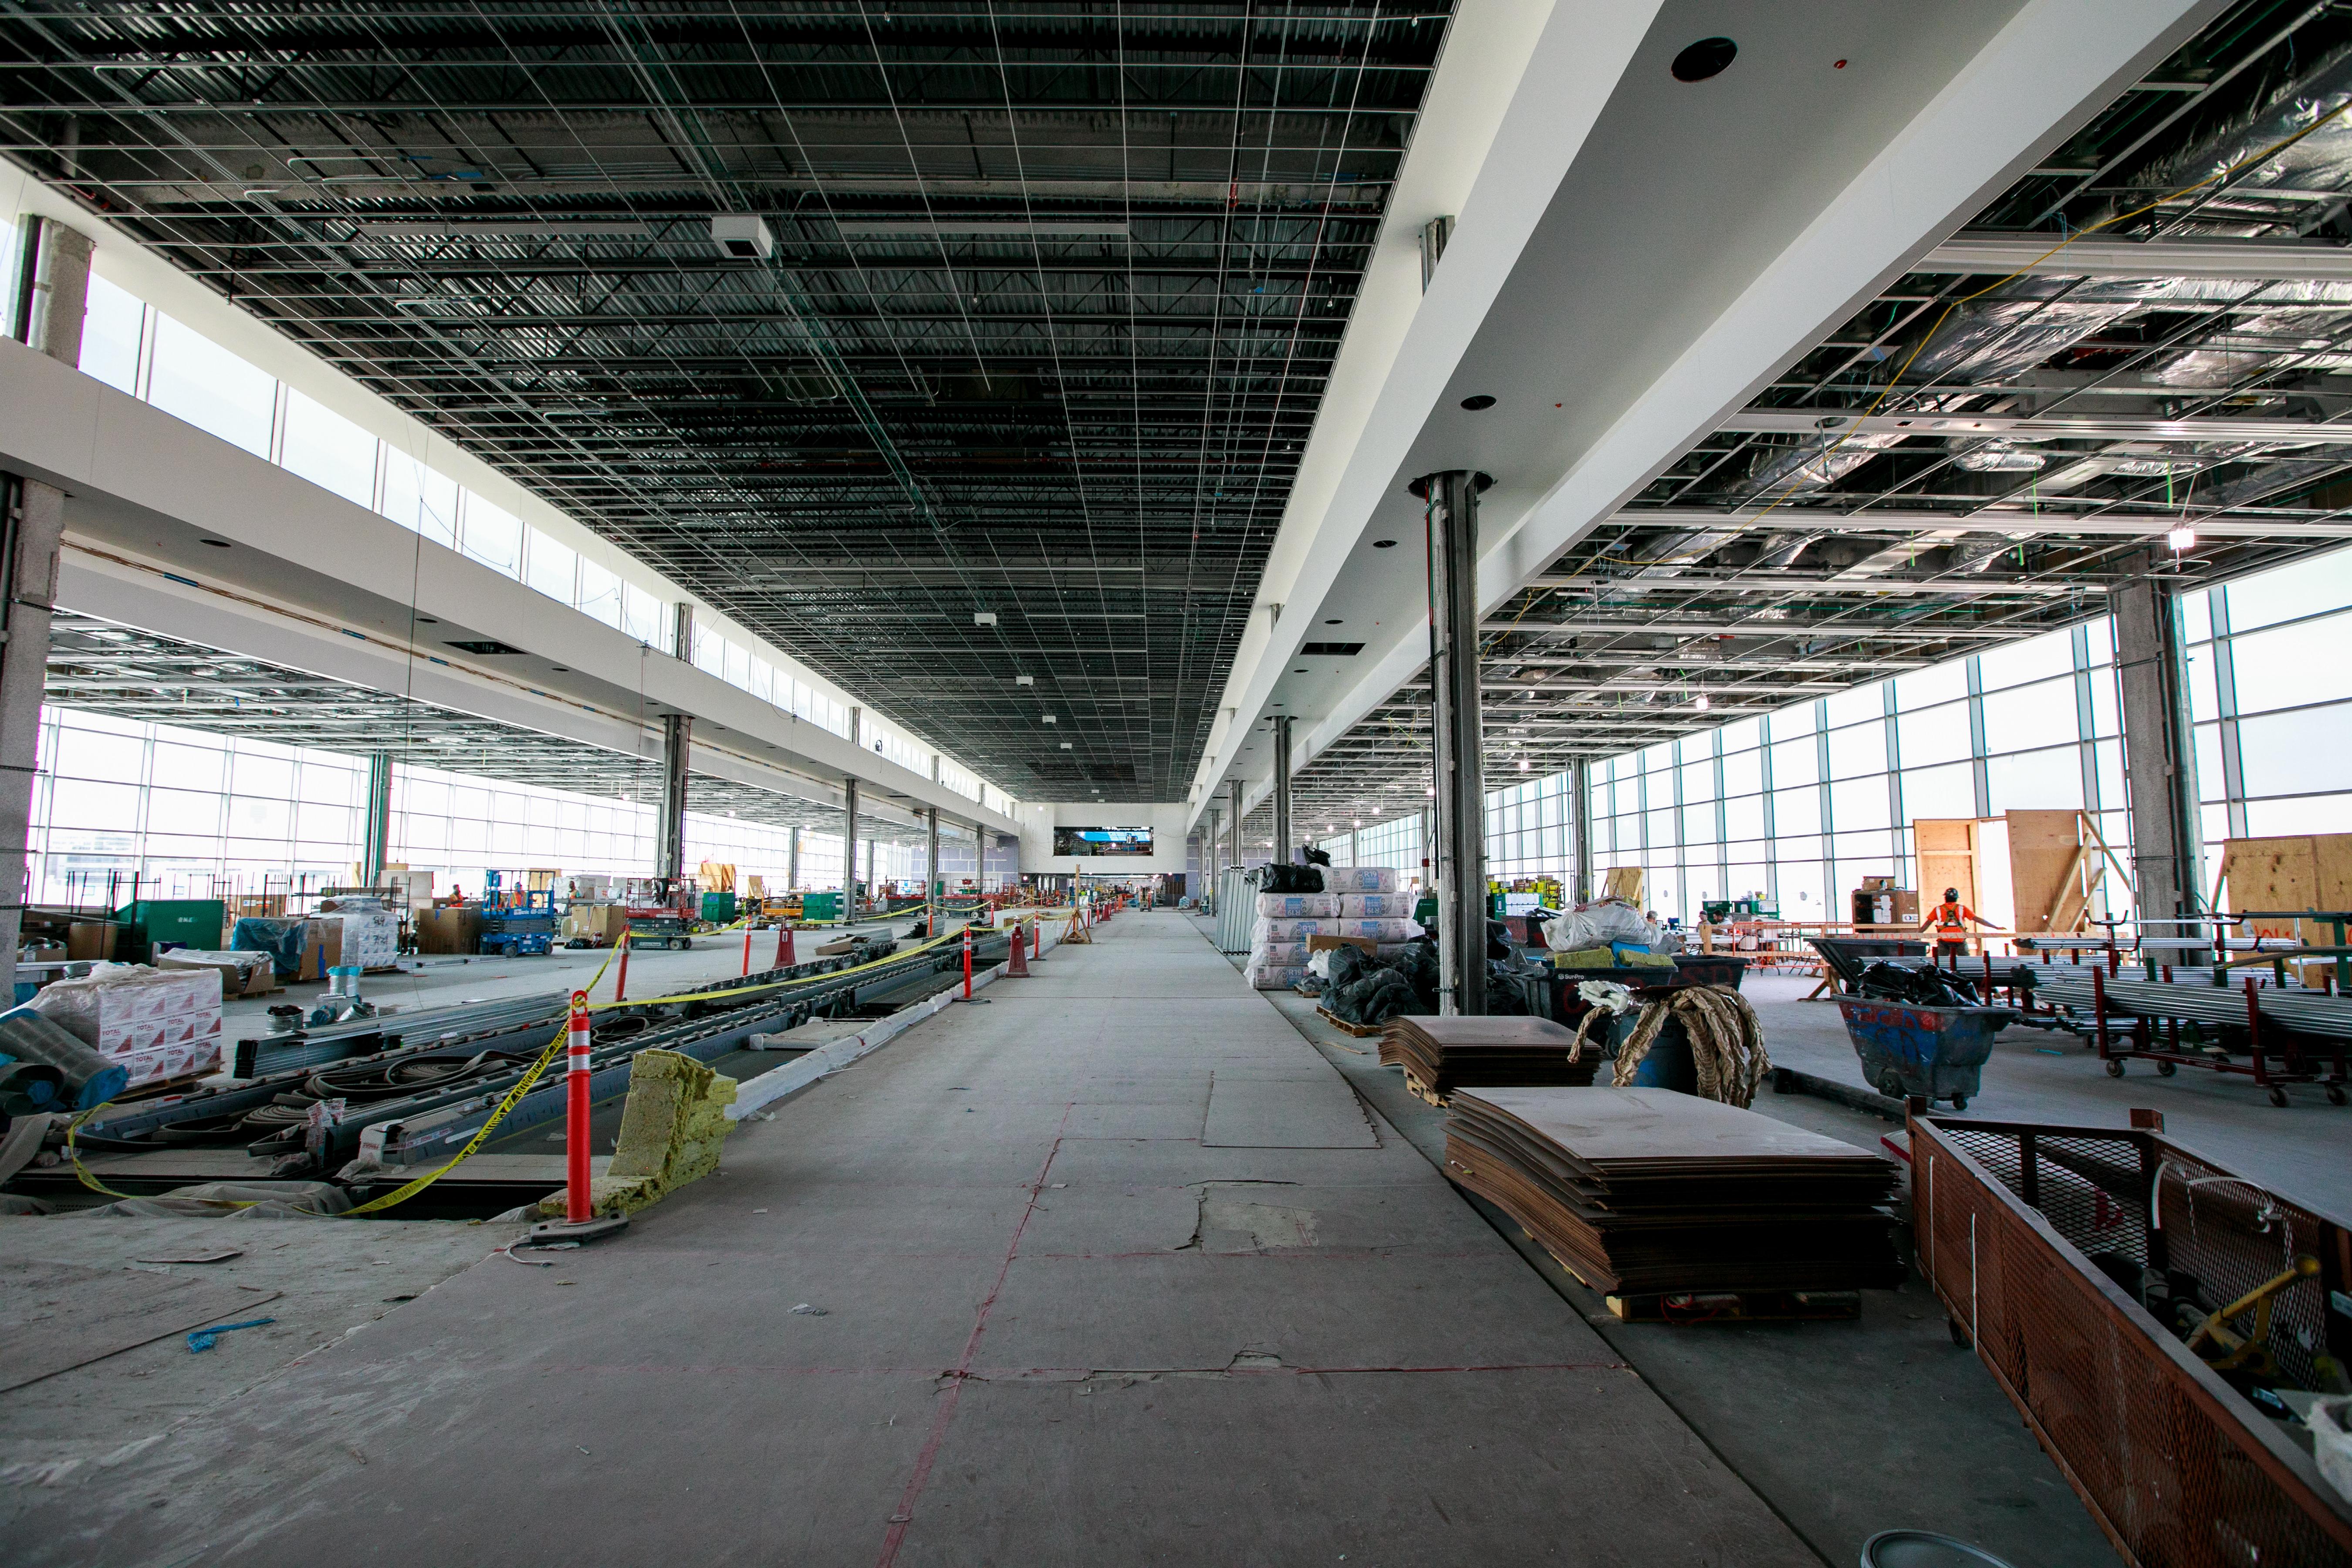 Gate Expansion C-East Construction